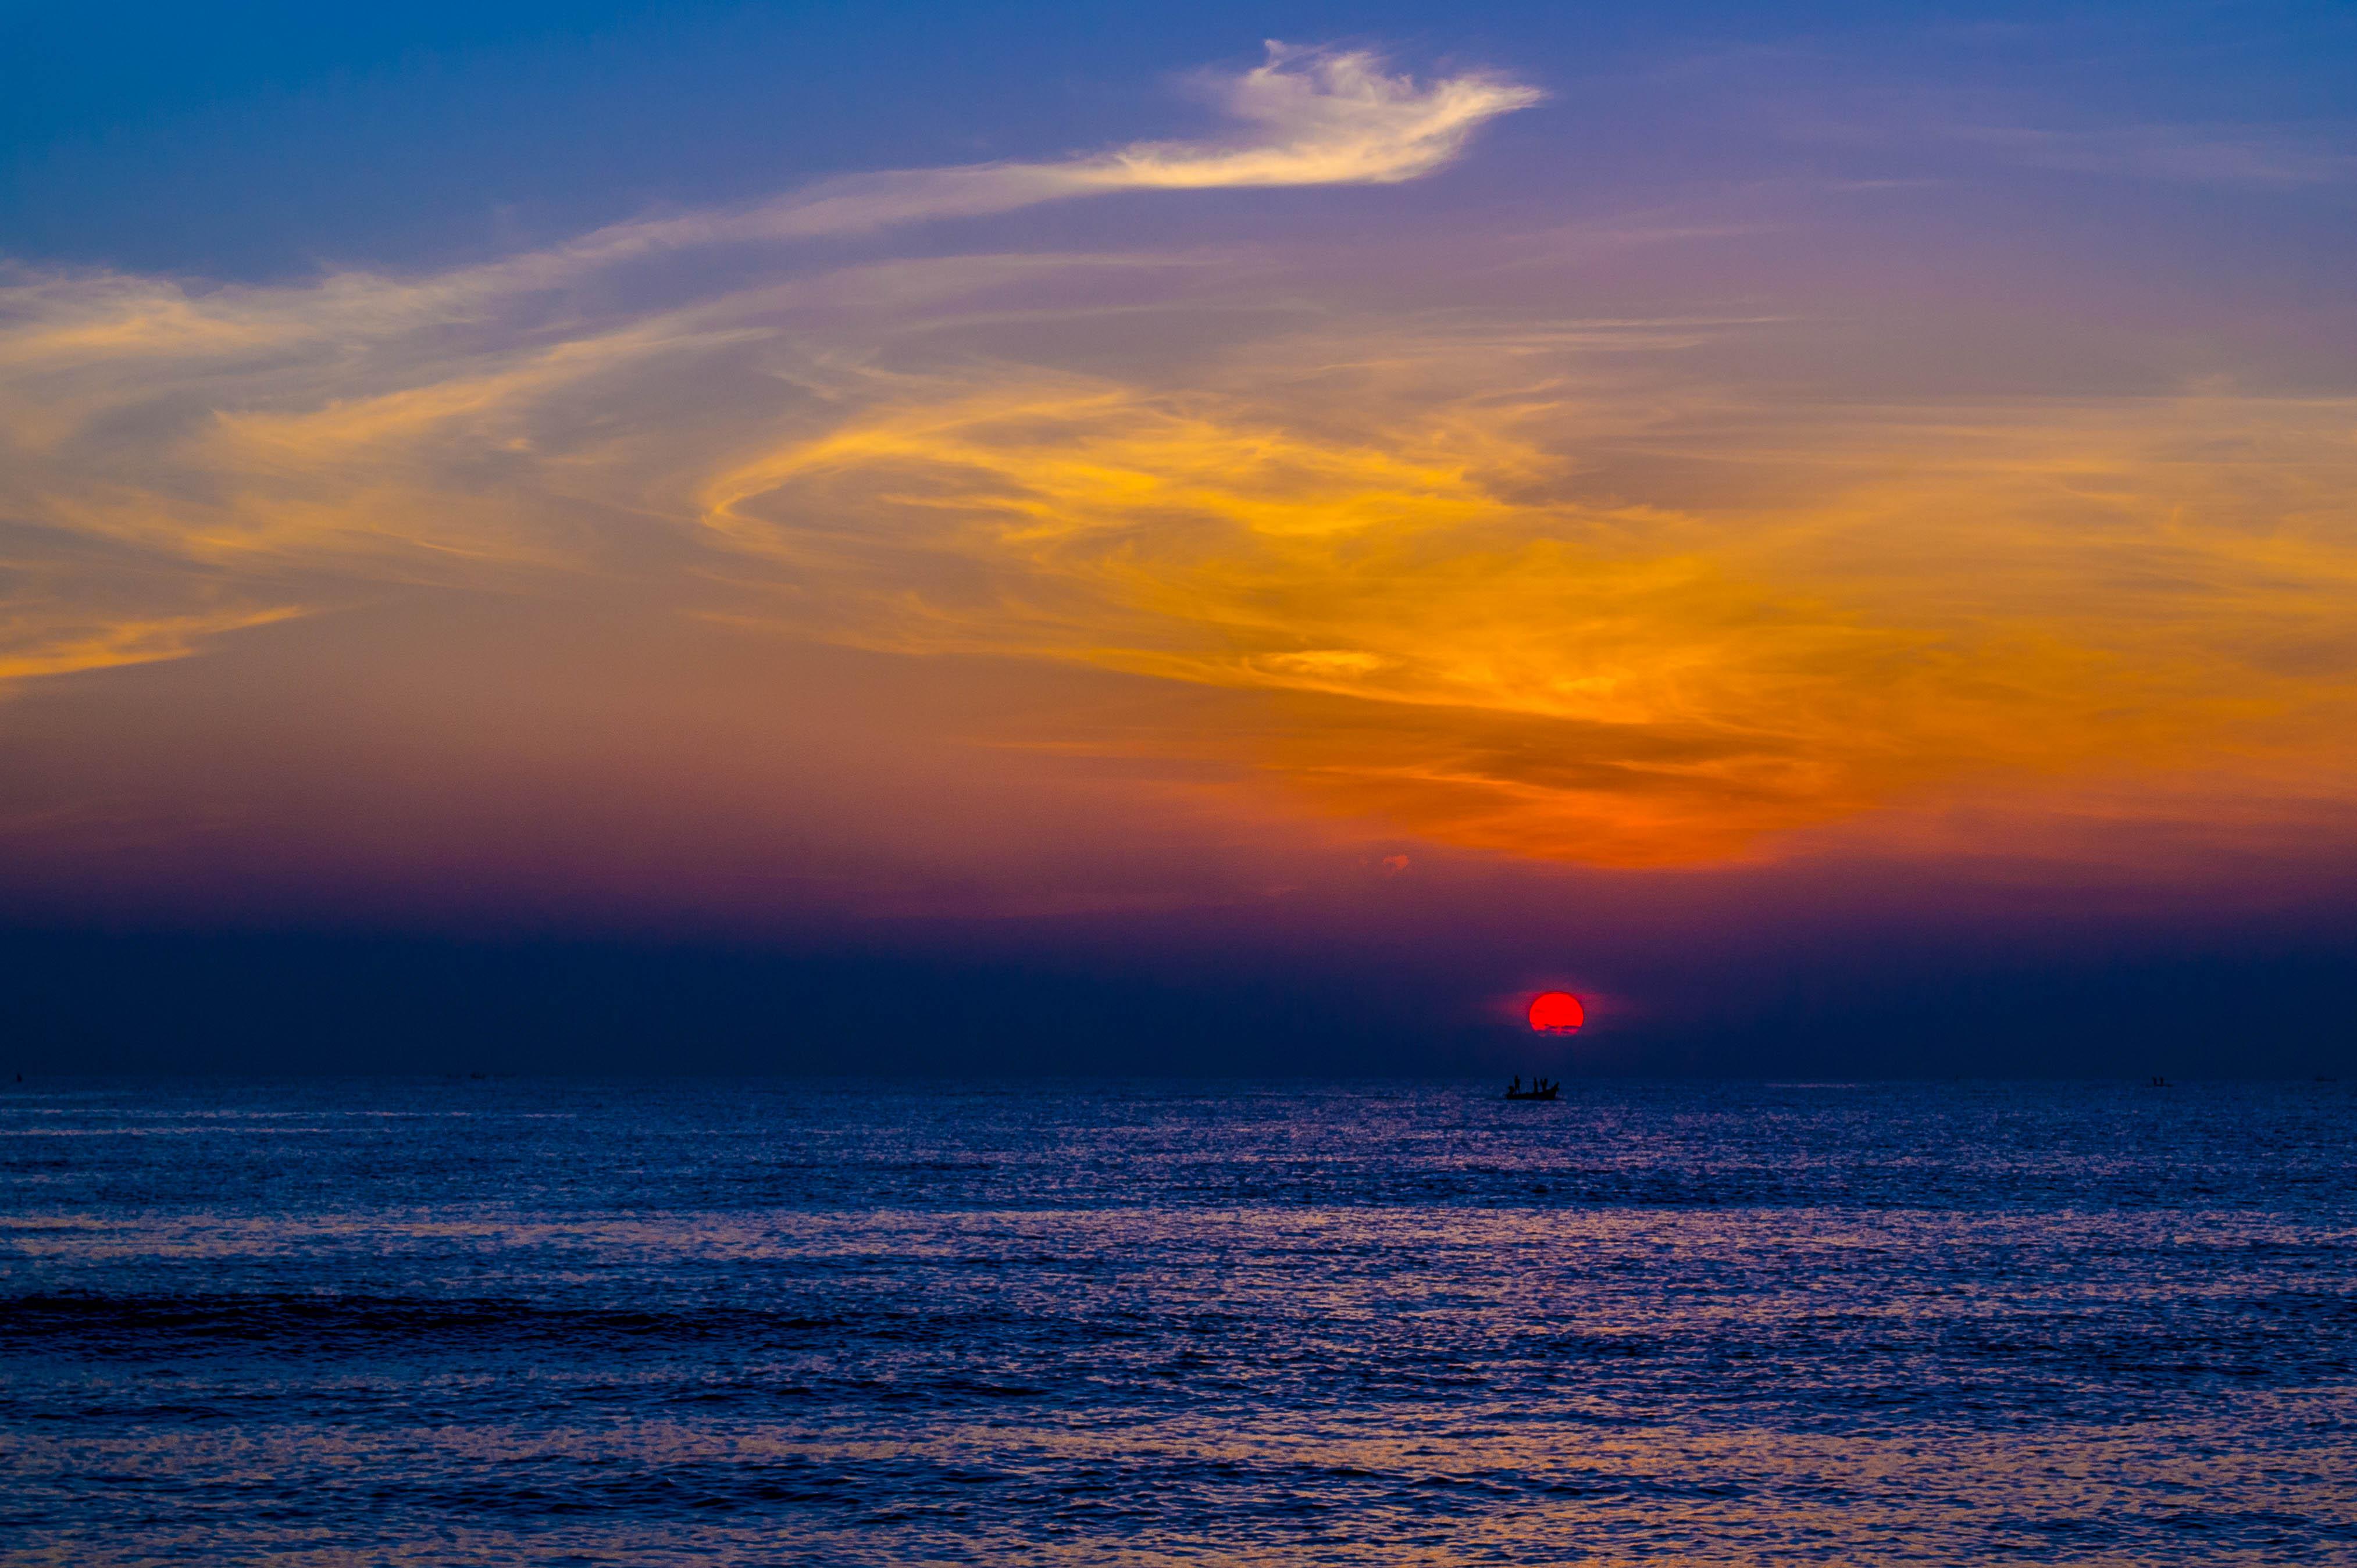 Marina Beach Chennai India Location Facts History And All About Marina Beach Chennai